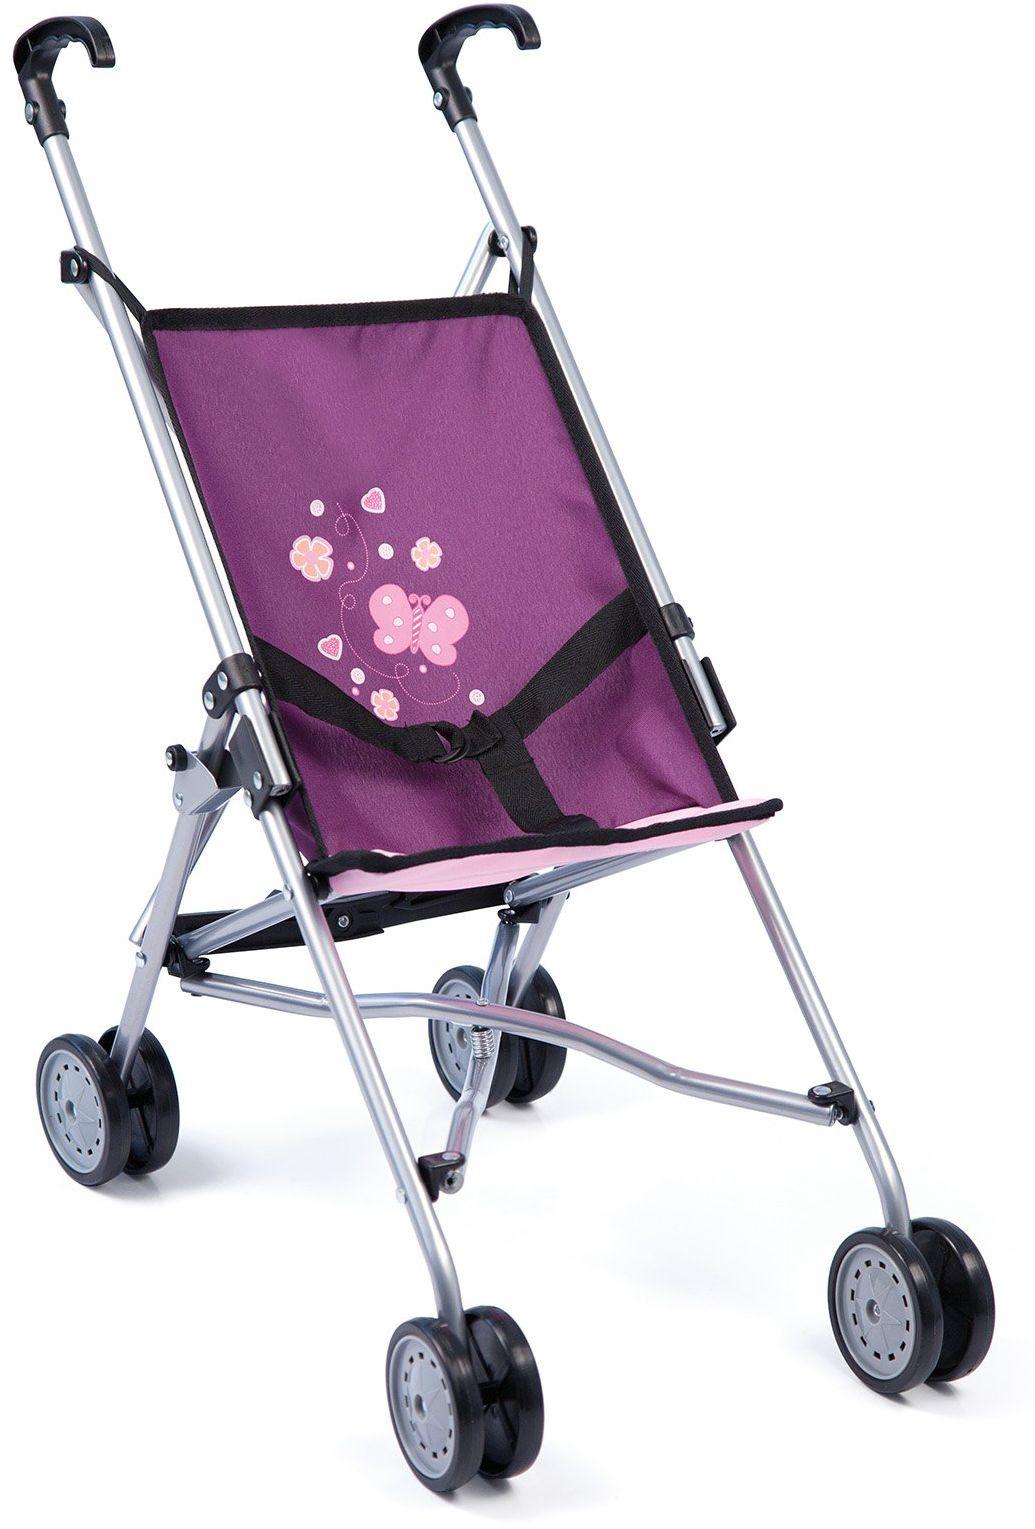 Bayer Design 30157AA wózek dla lalek, wózek na parasol, wózek dla malucha, składany, podwójne koła, stabilny, fioletowy